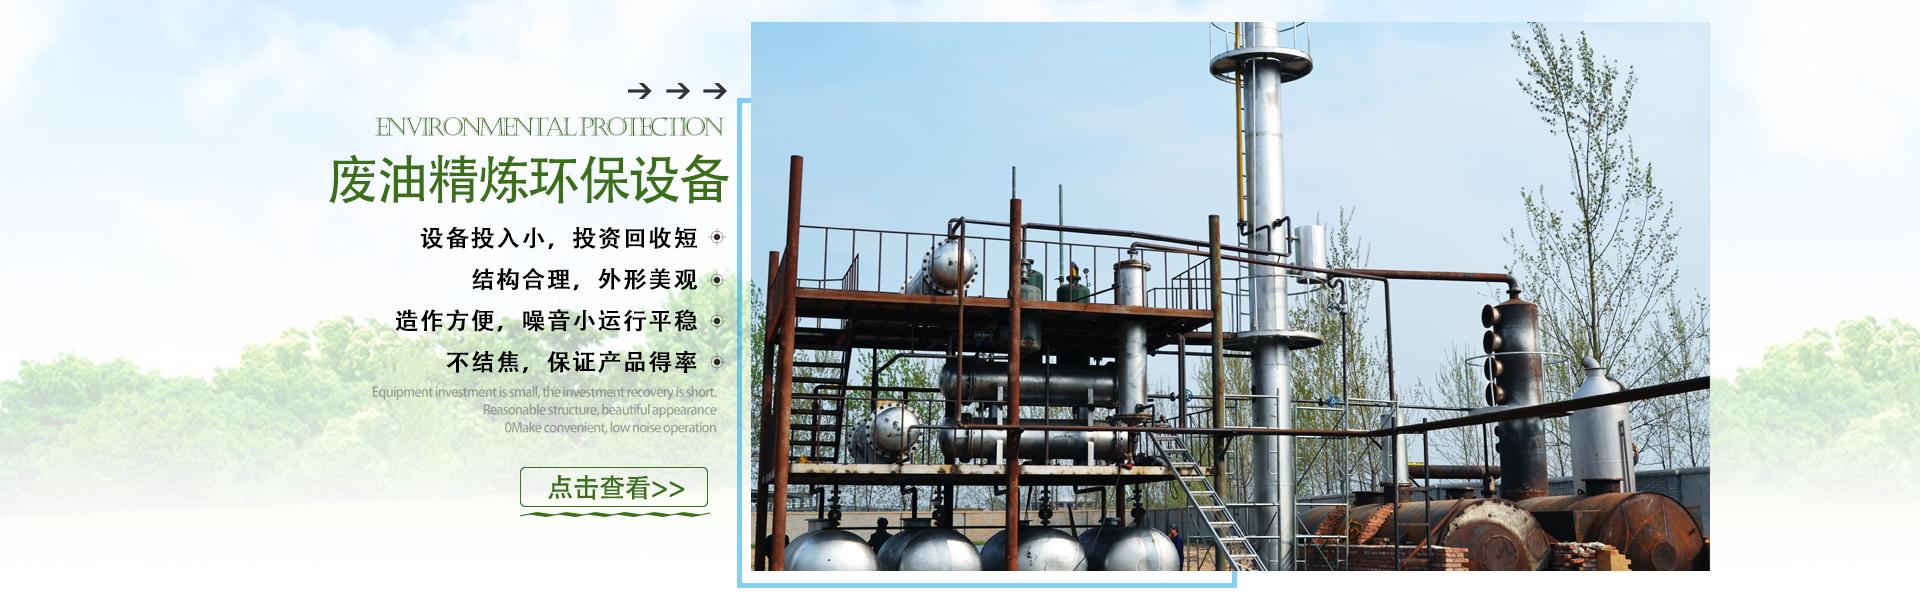 废油精炼设备:废机油精炼柴汽油,废机油精炼基础油,原油精炼柴汽油,原油精炼基础油